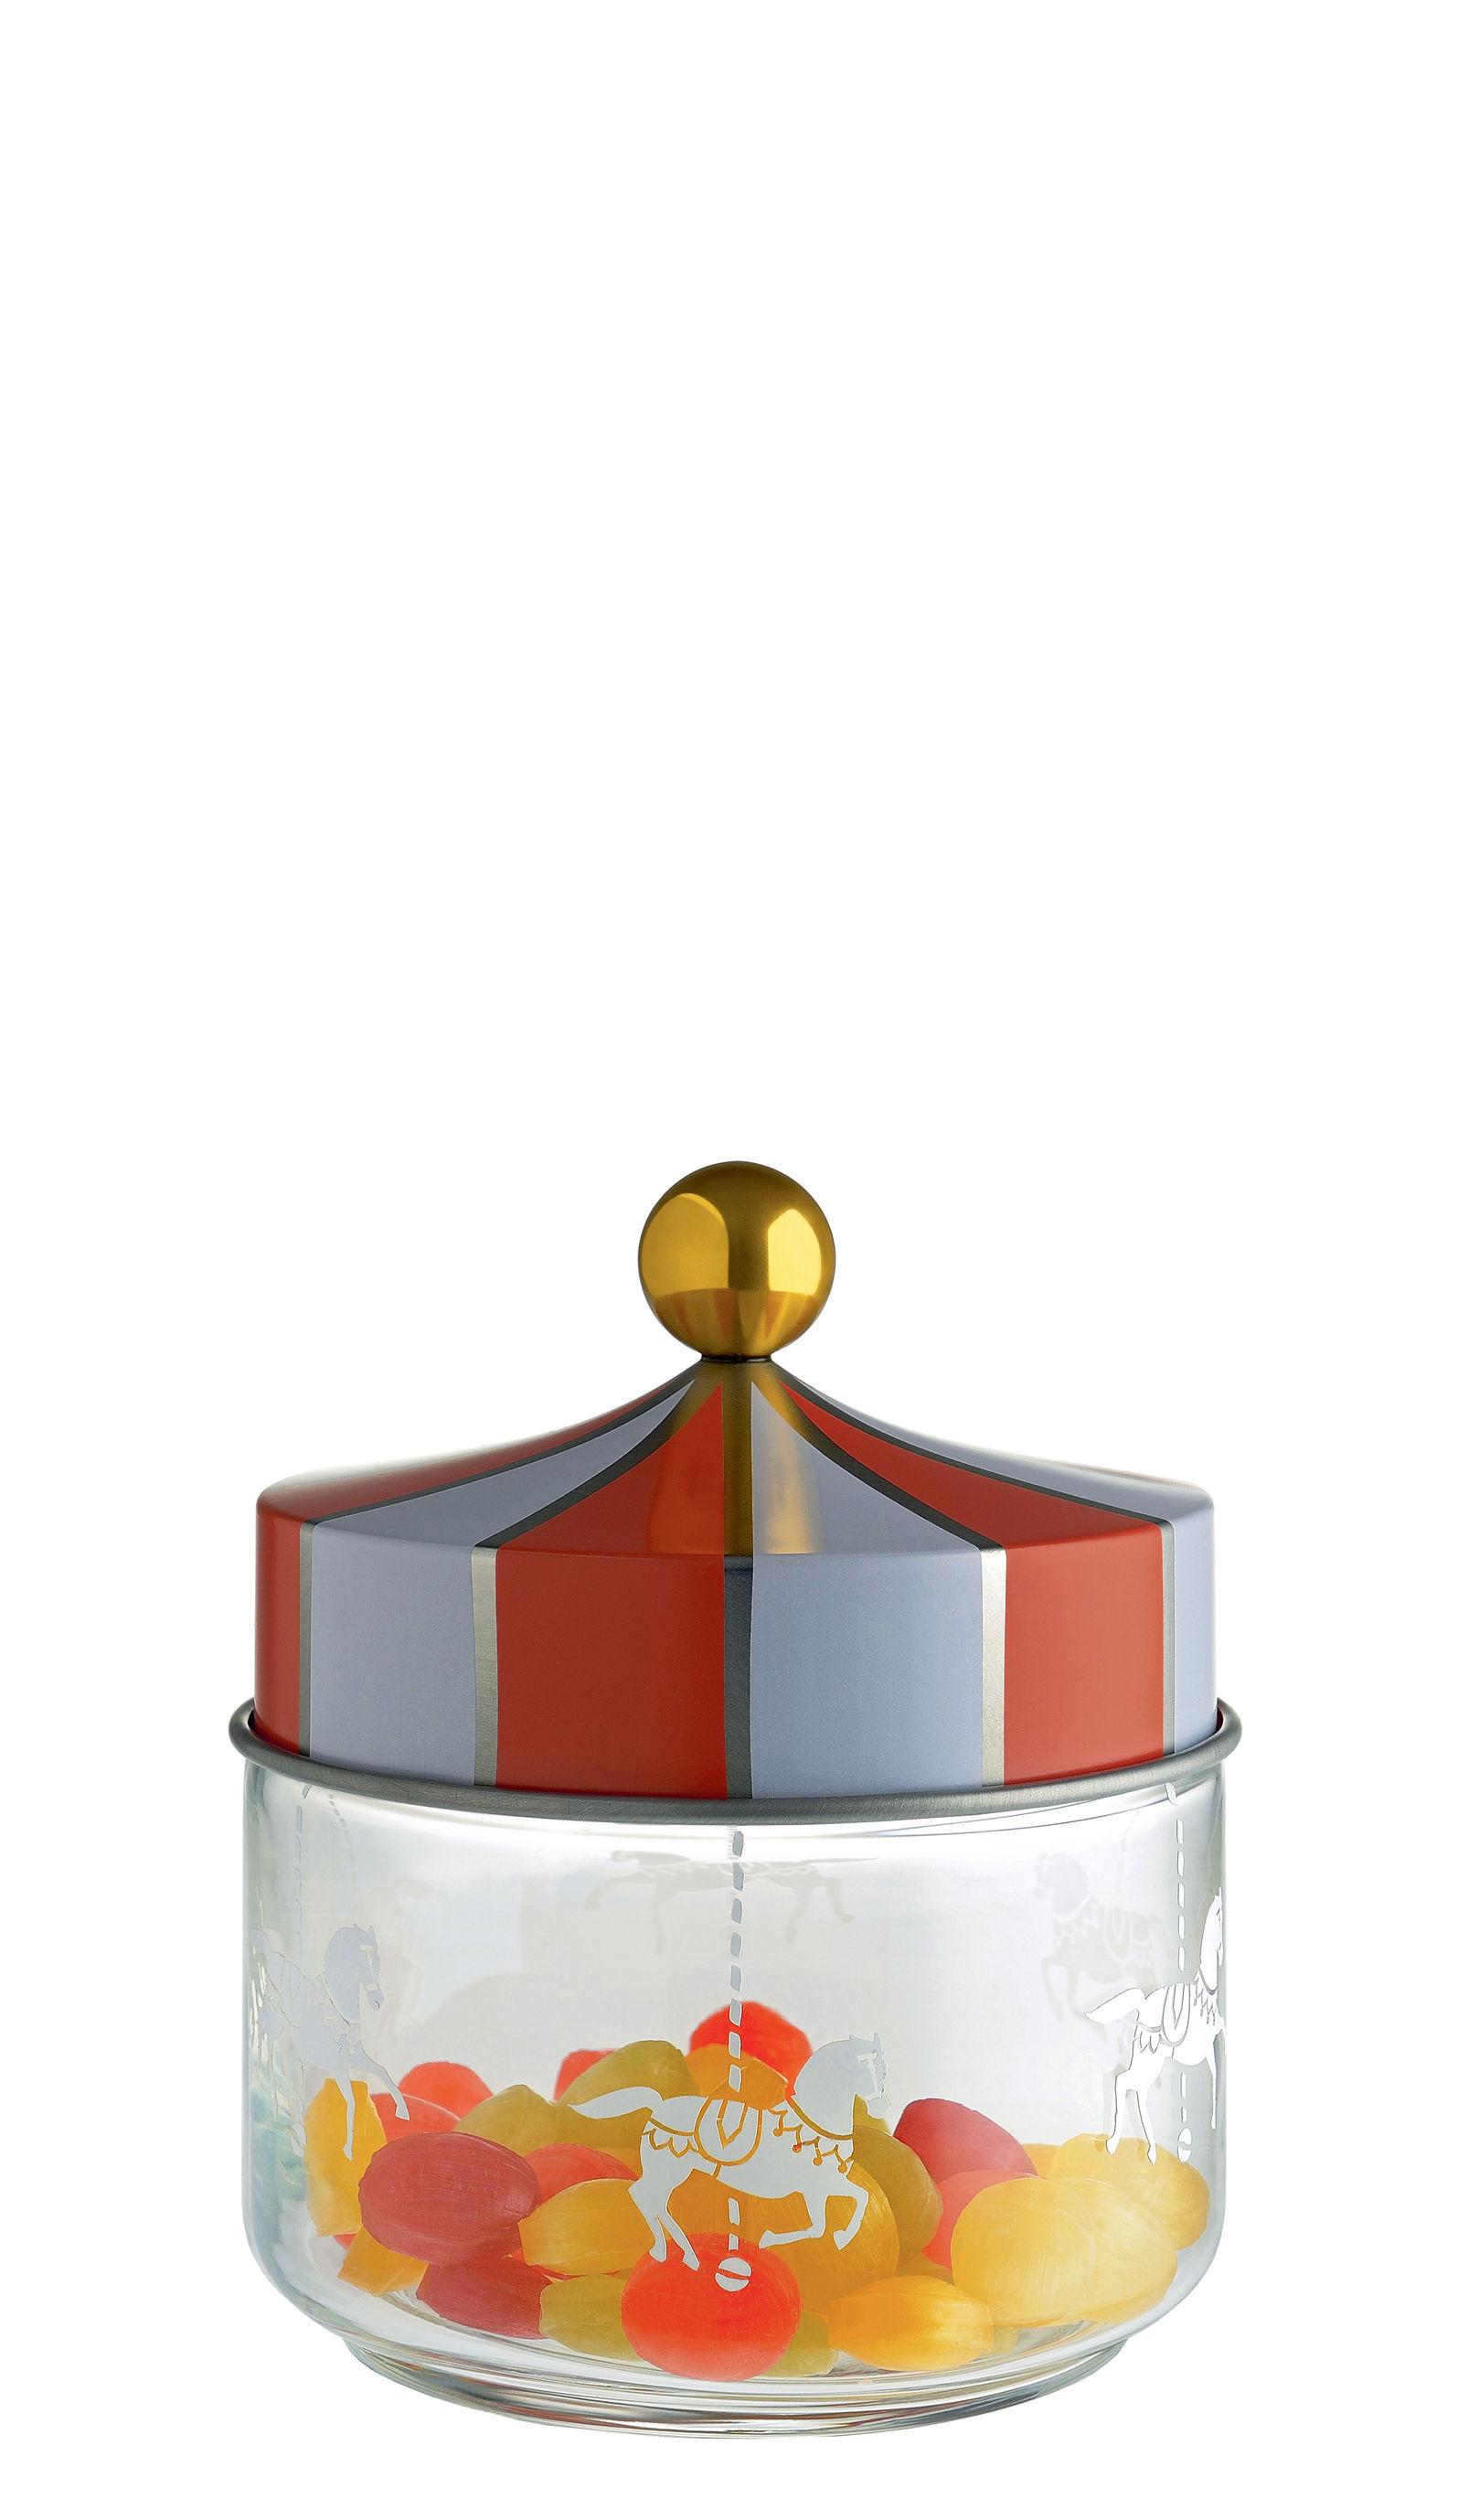 Cucina - Lattine, Pentole e Vasi - Barattolo ermetico Circus / 50 cl - Vetro & metallo - Alessi - 50 cl / Rosso & bianco - Fer blanc, Verre sérigraphié